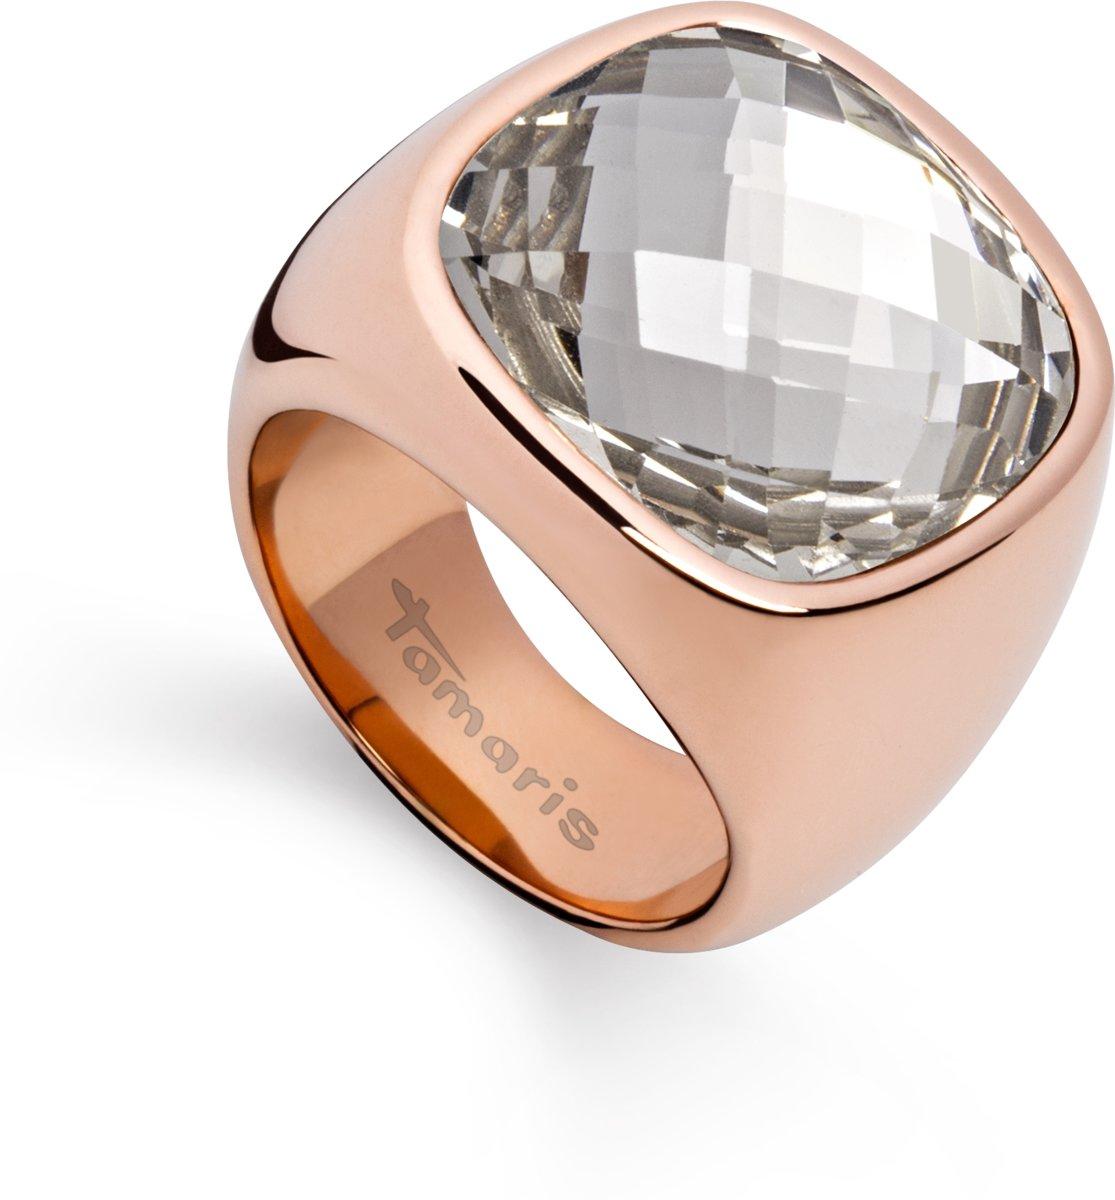 Tamaris - A03712018 - Ring - Roestvrij staal - Rosékleurig kopen